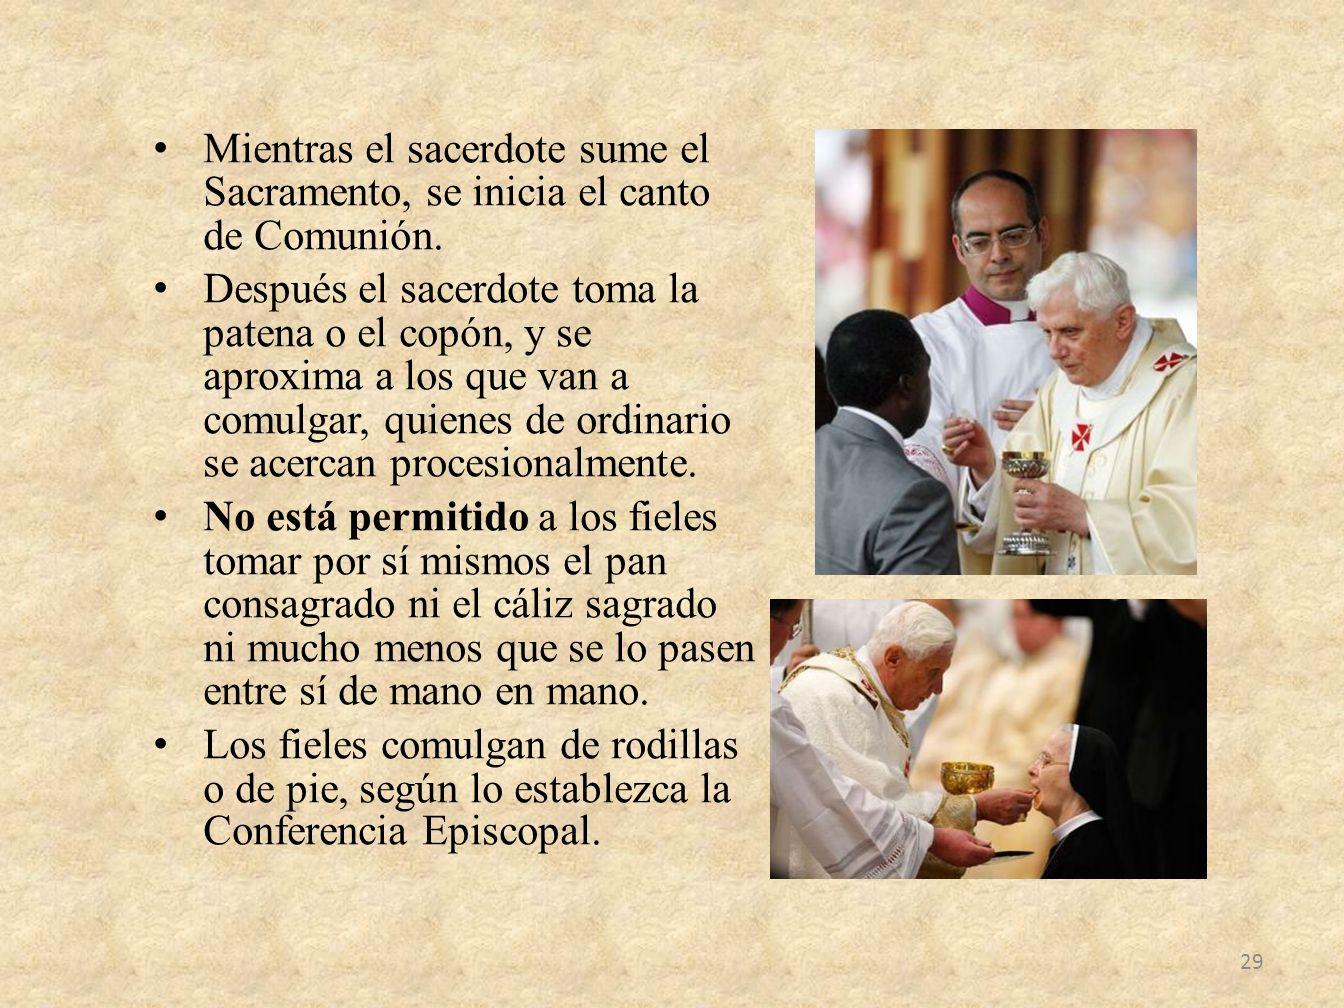 Mientras el sacerdote sume el Sacramento, se inicia el canto de Comunión.